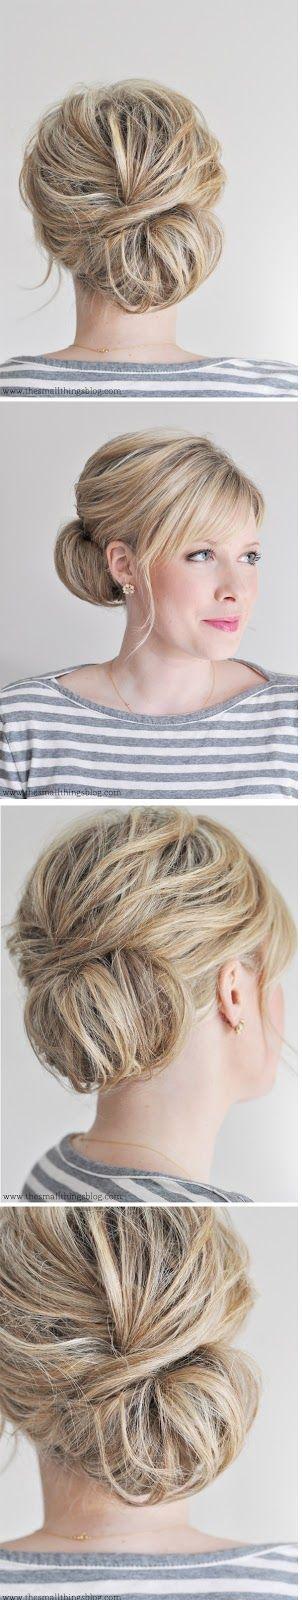 Low Chignon Hair Tutorial #coniefox